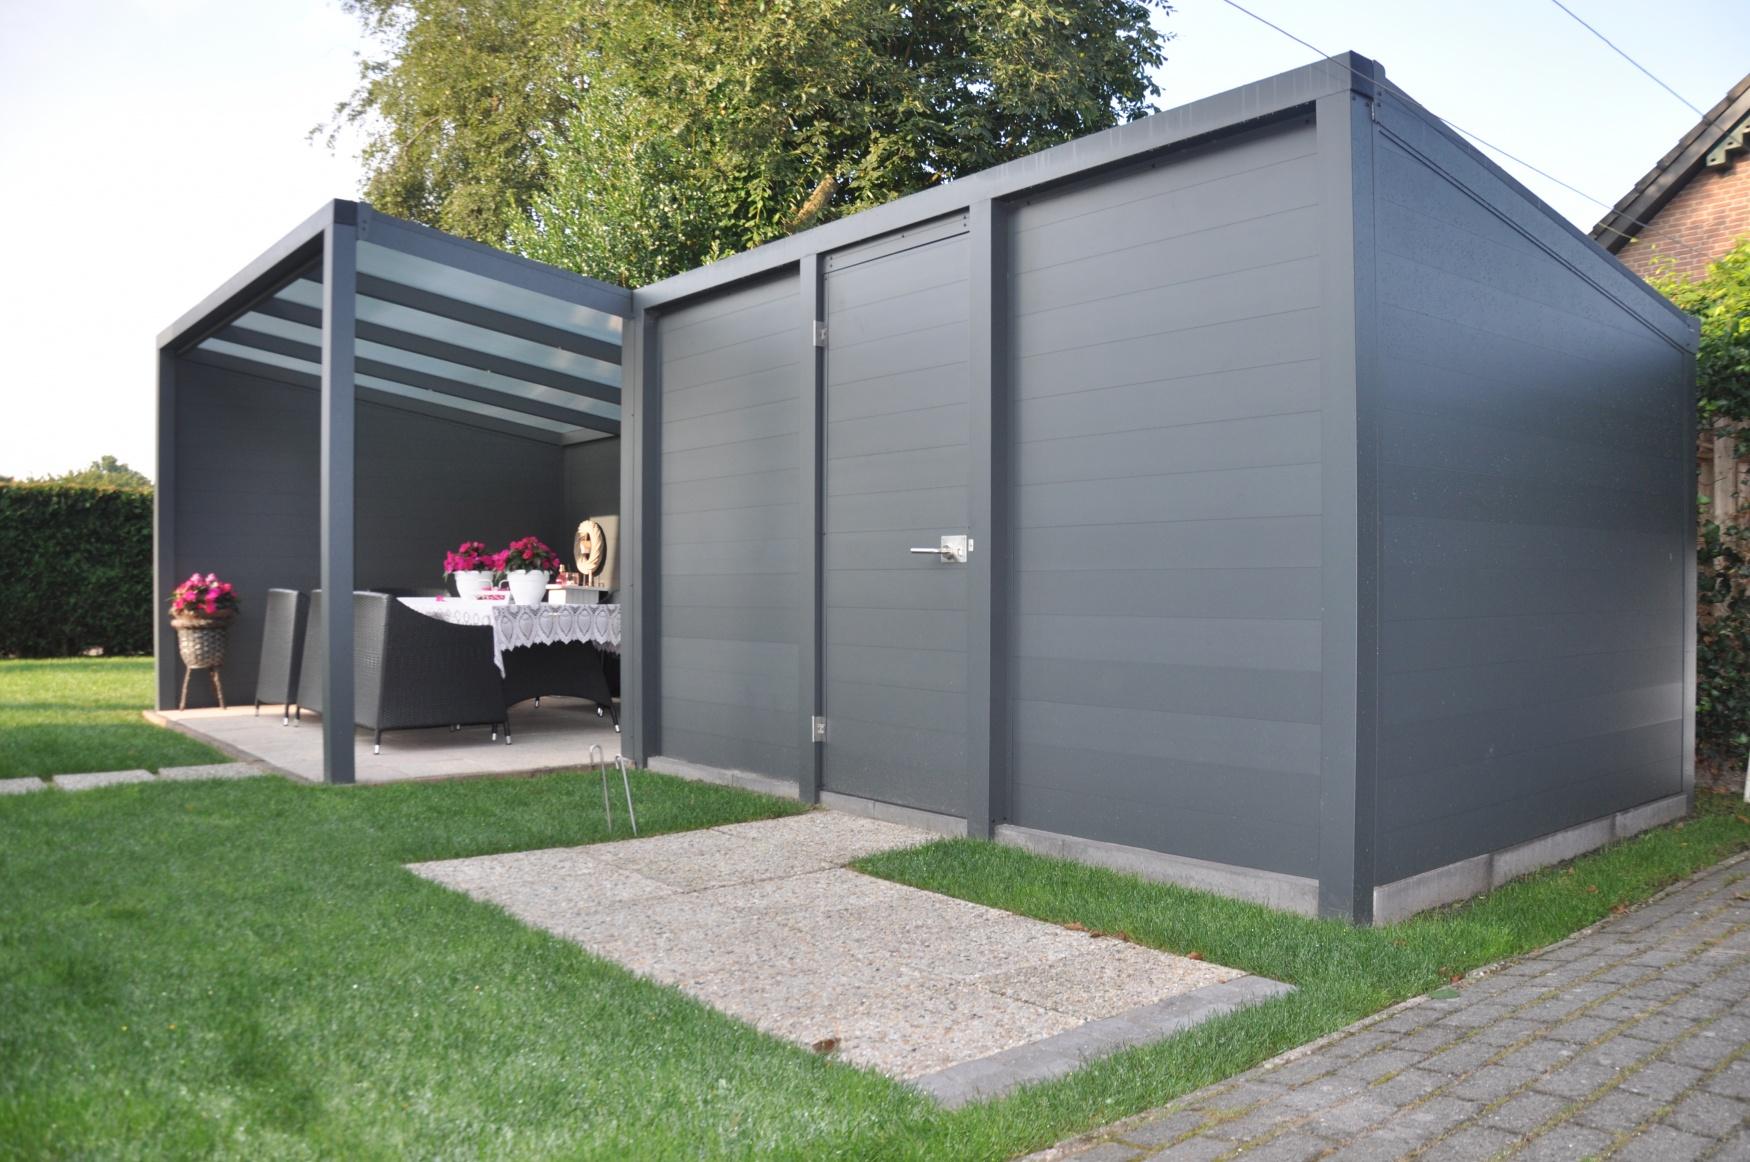 koss kozijnen vrijstaande veranda 39 s koss kozijnen. Black Bedroom Furniture Sets. Home Design Ideas